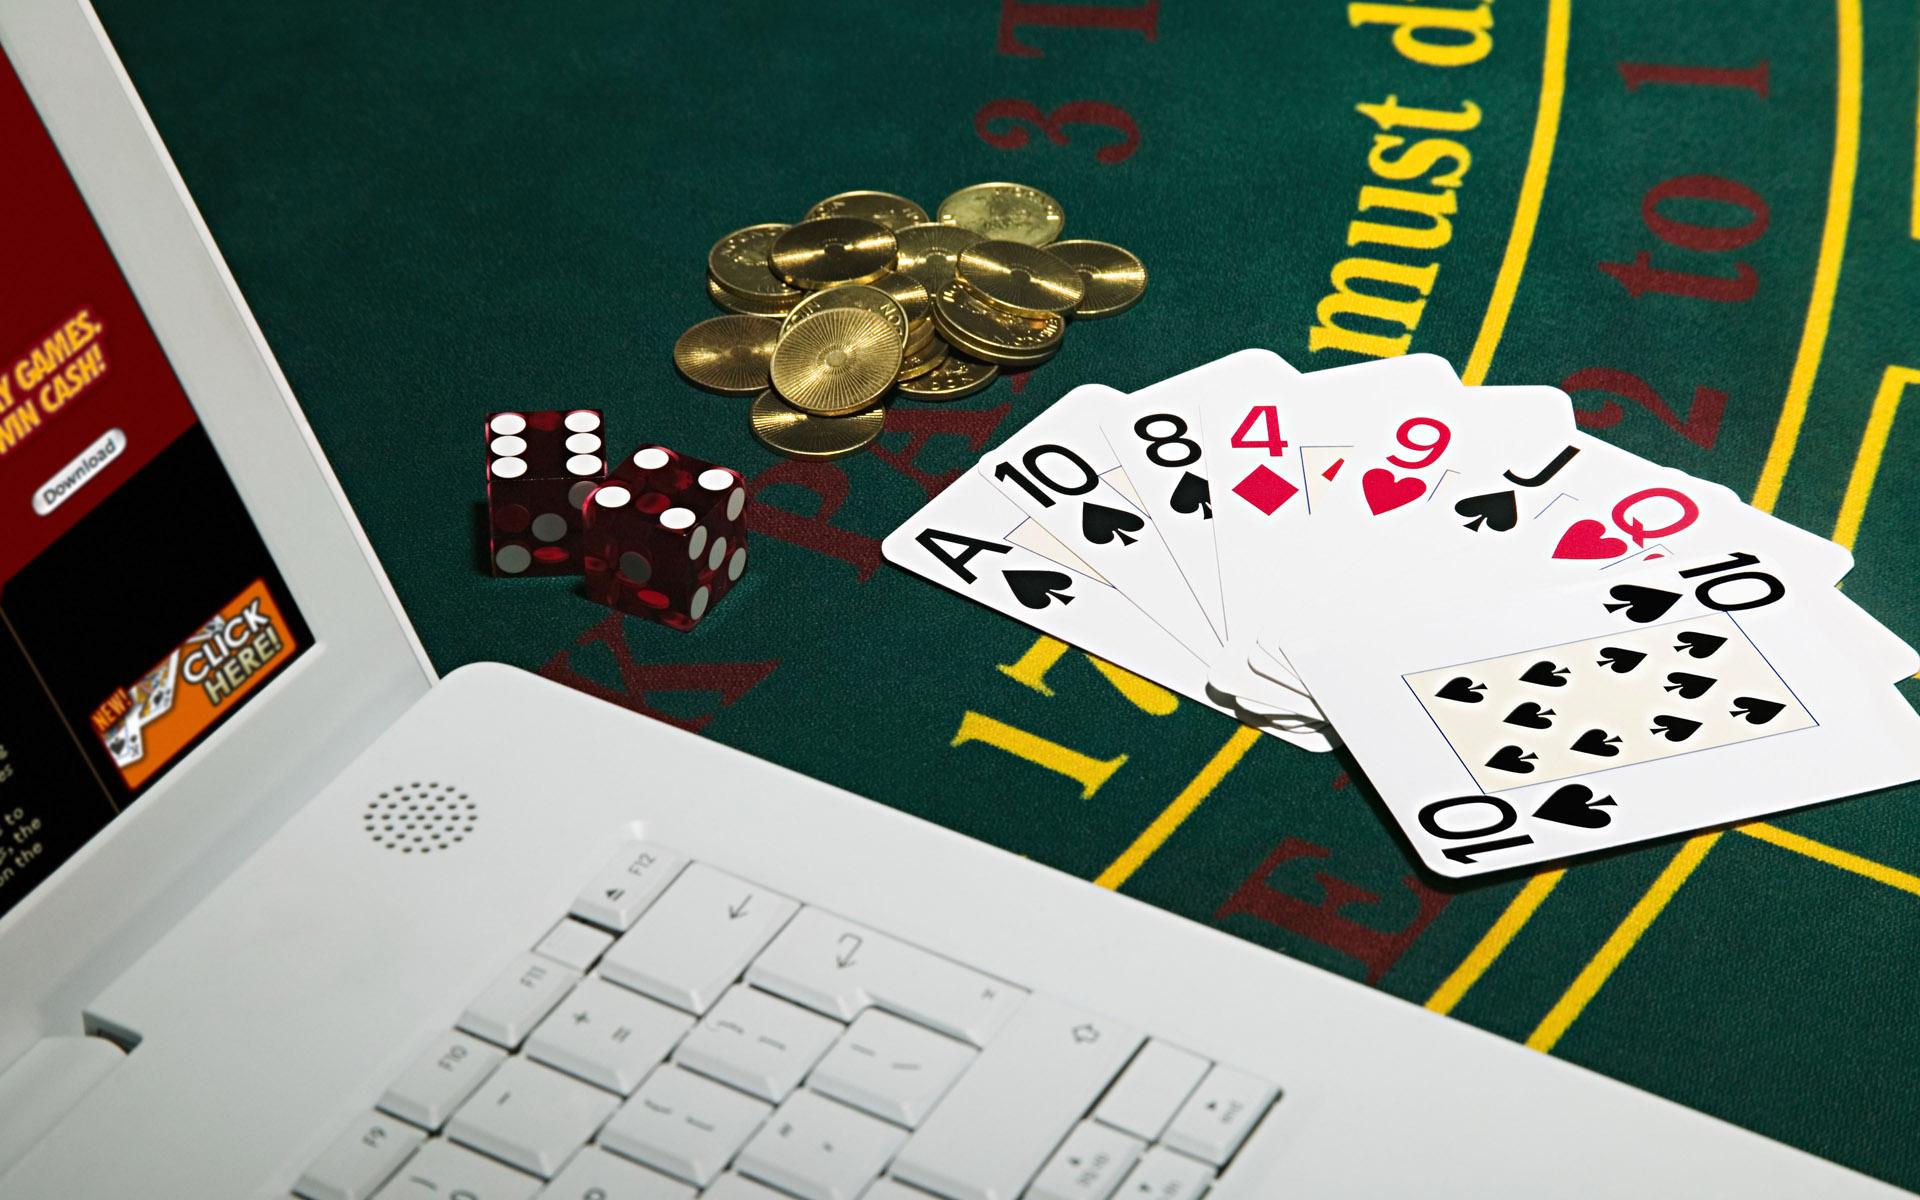 Где играть в казино на реальные деньги онлайн лучше